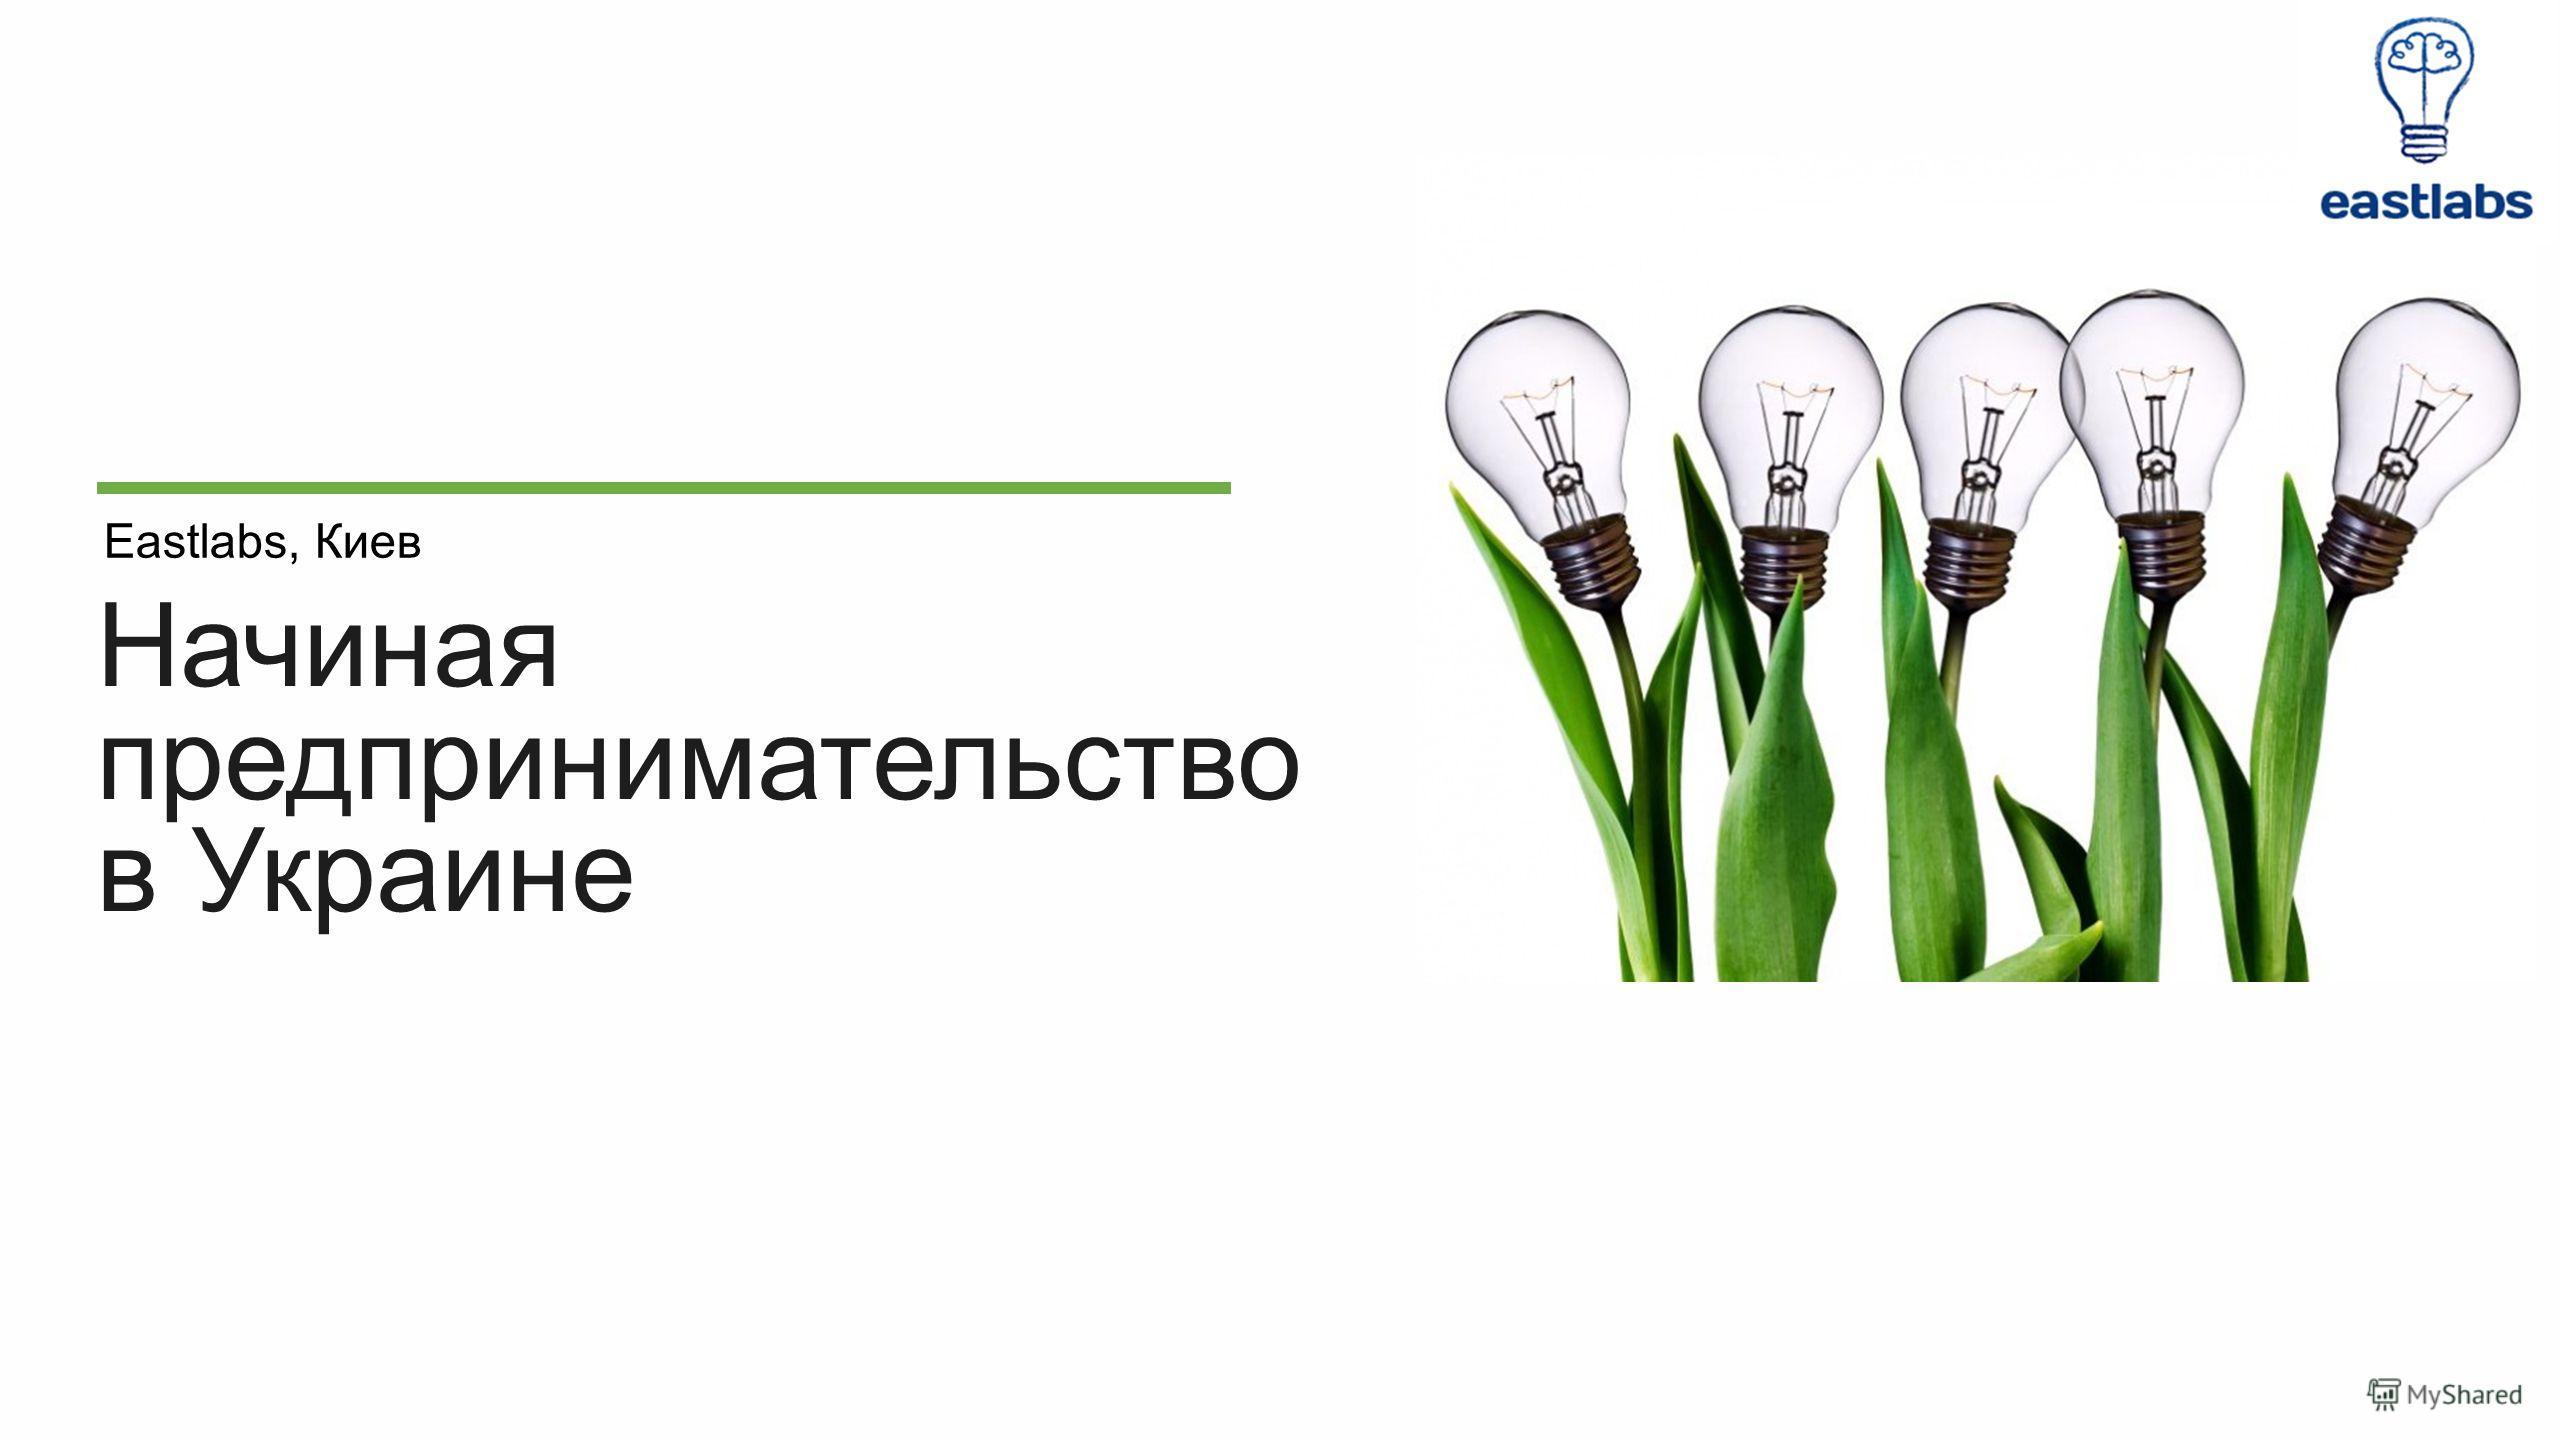 Начиная предпринимательство в Украине Eastlabs, Киев